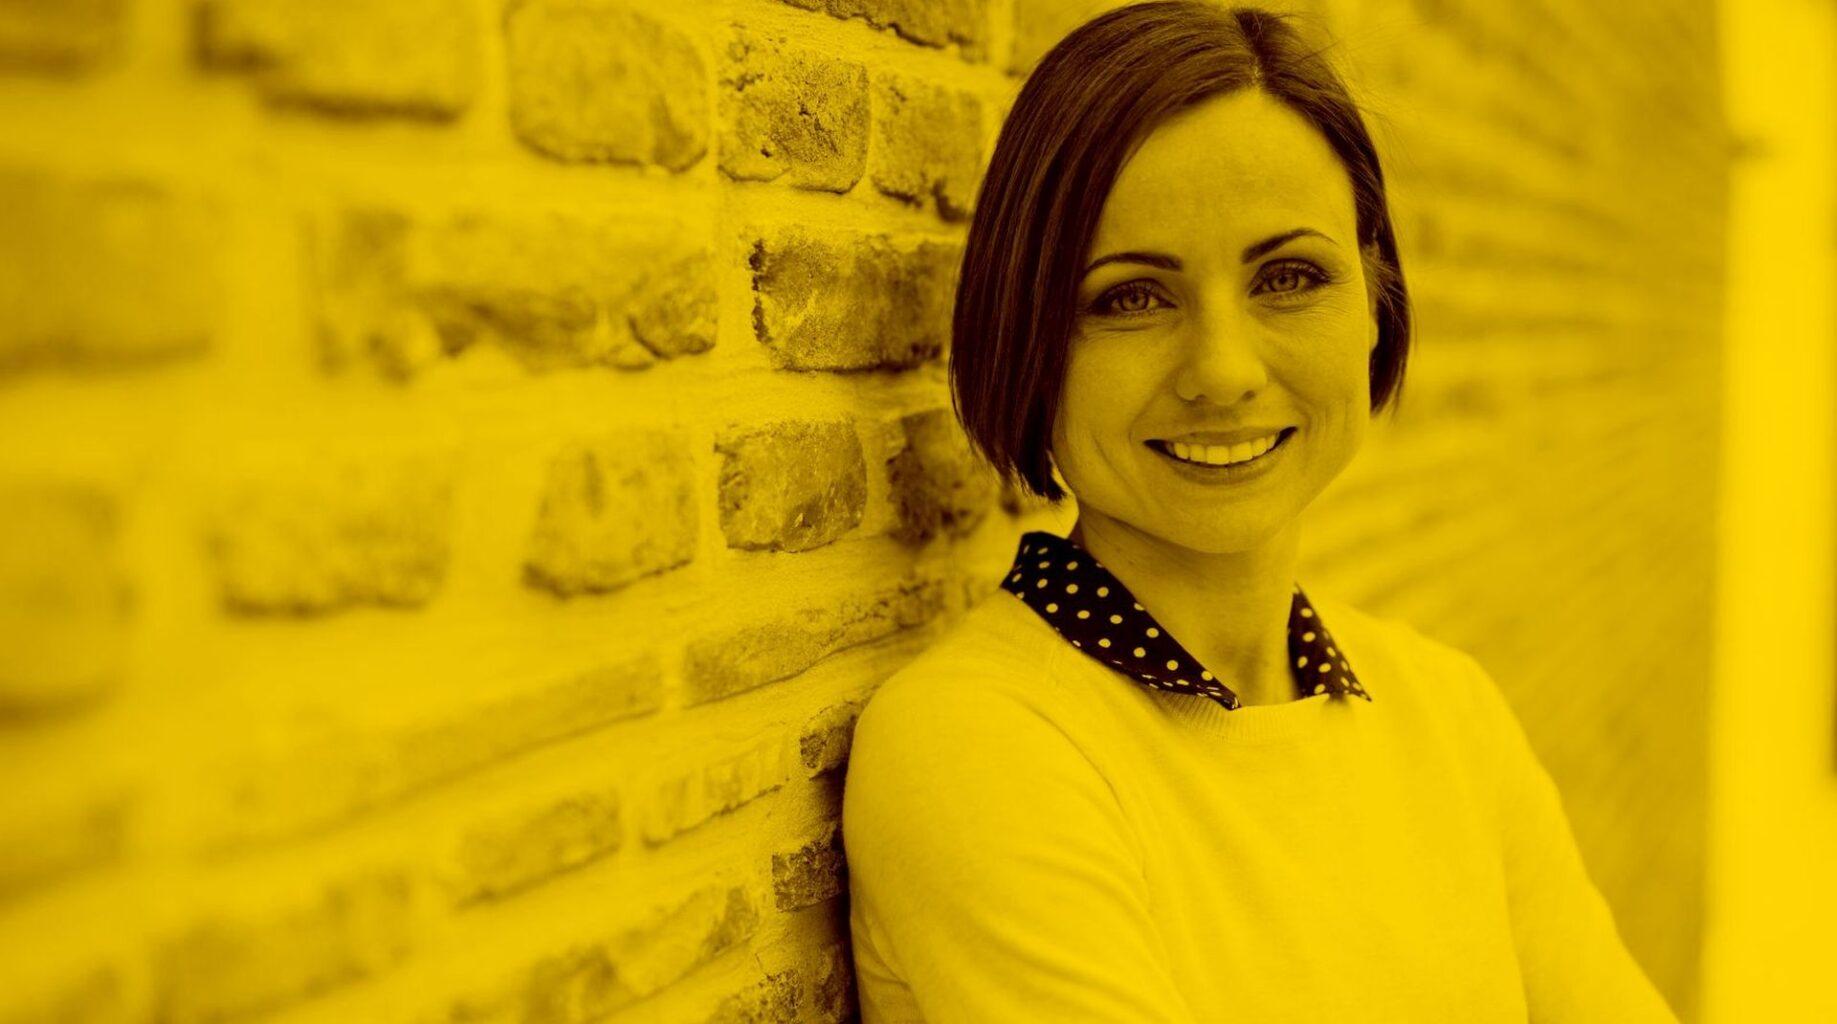 Frau steht vor einer Wand und lächelt